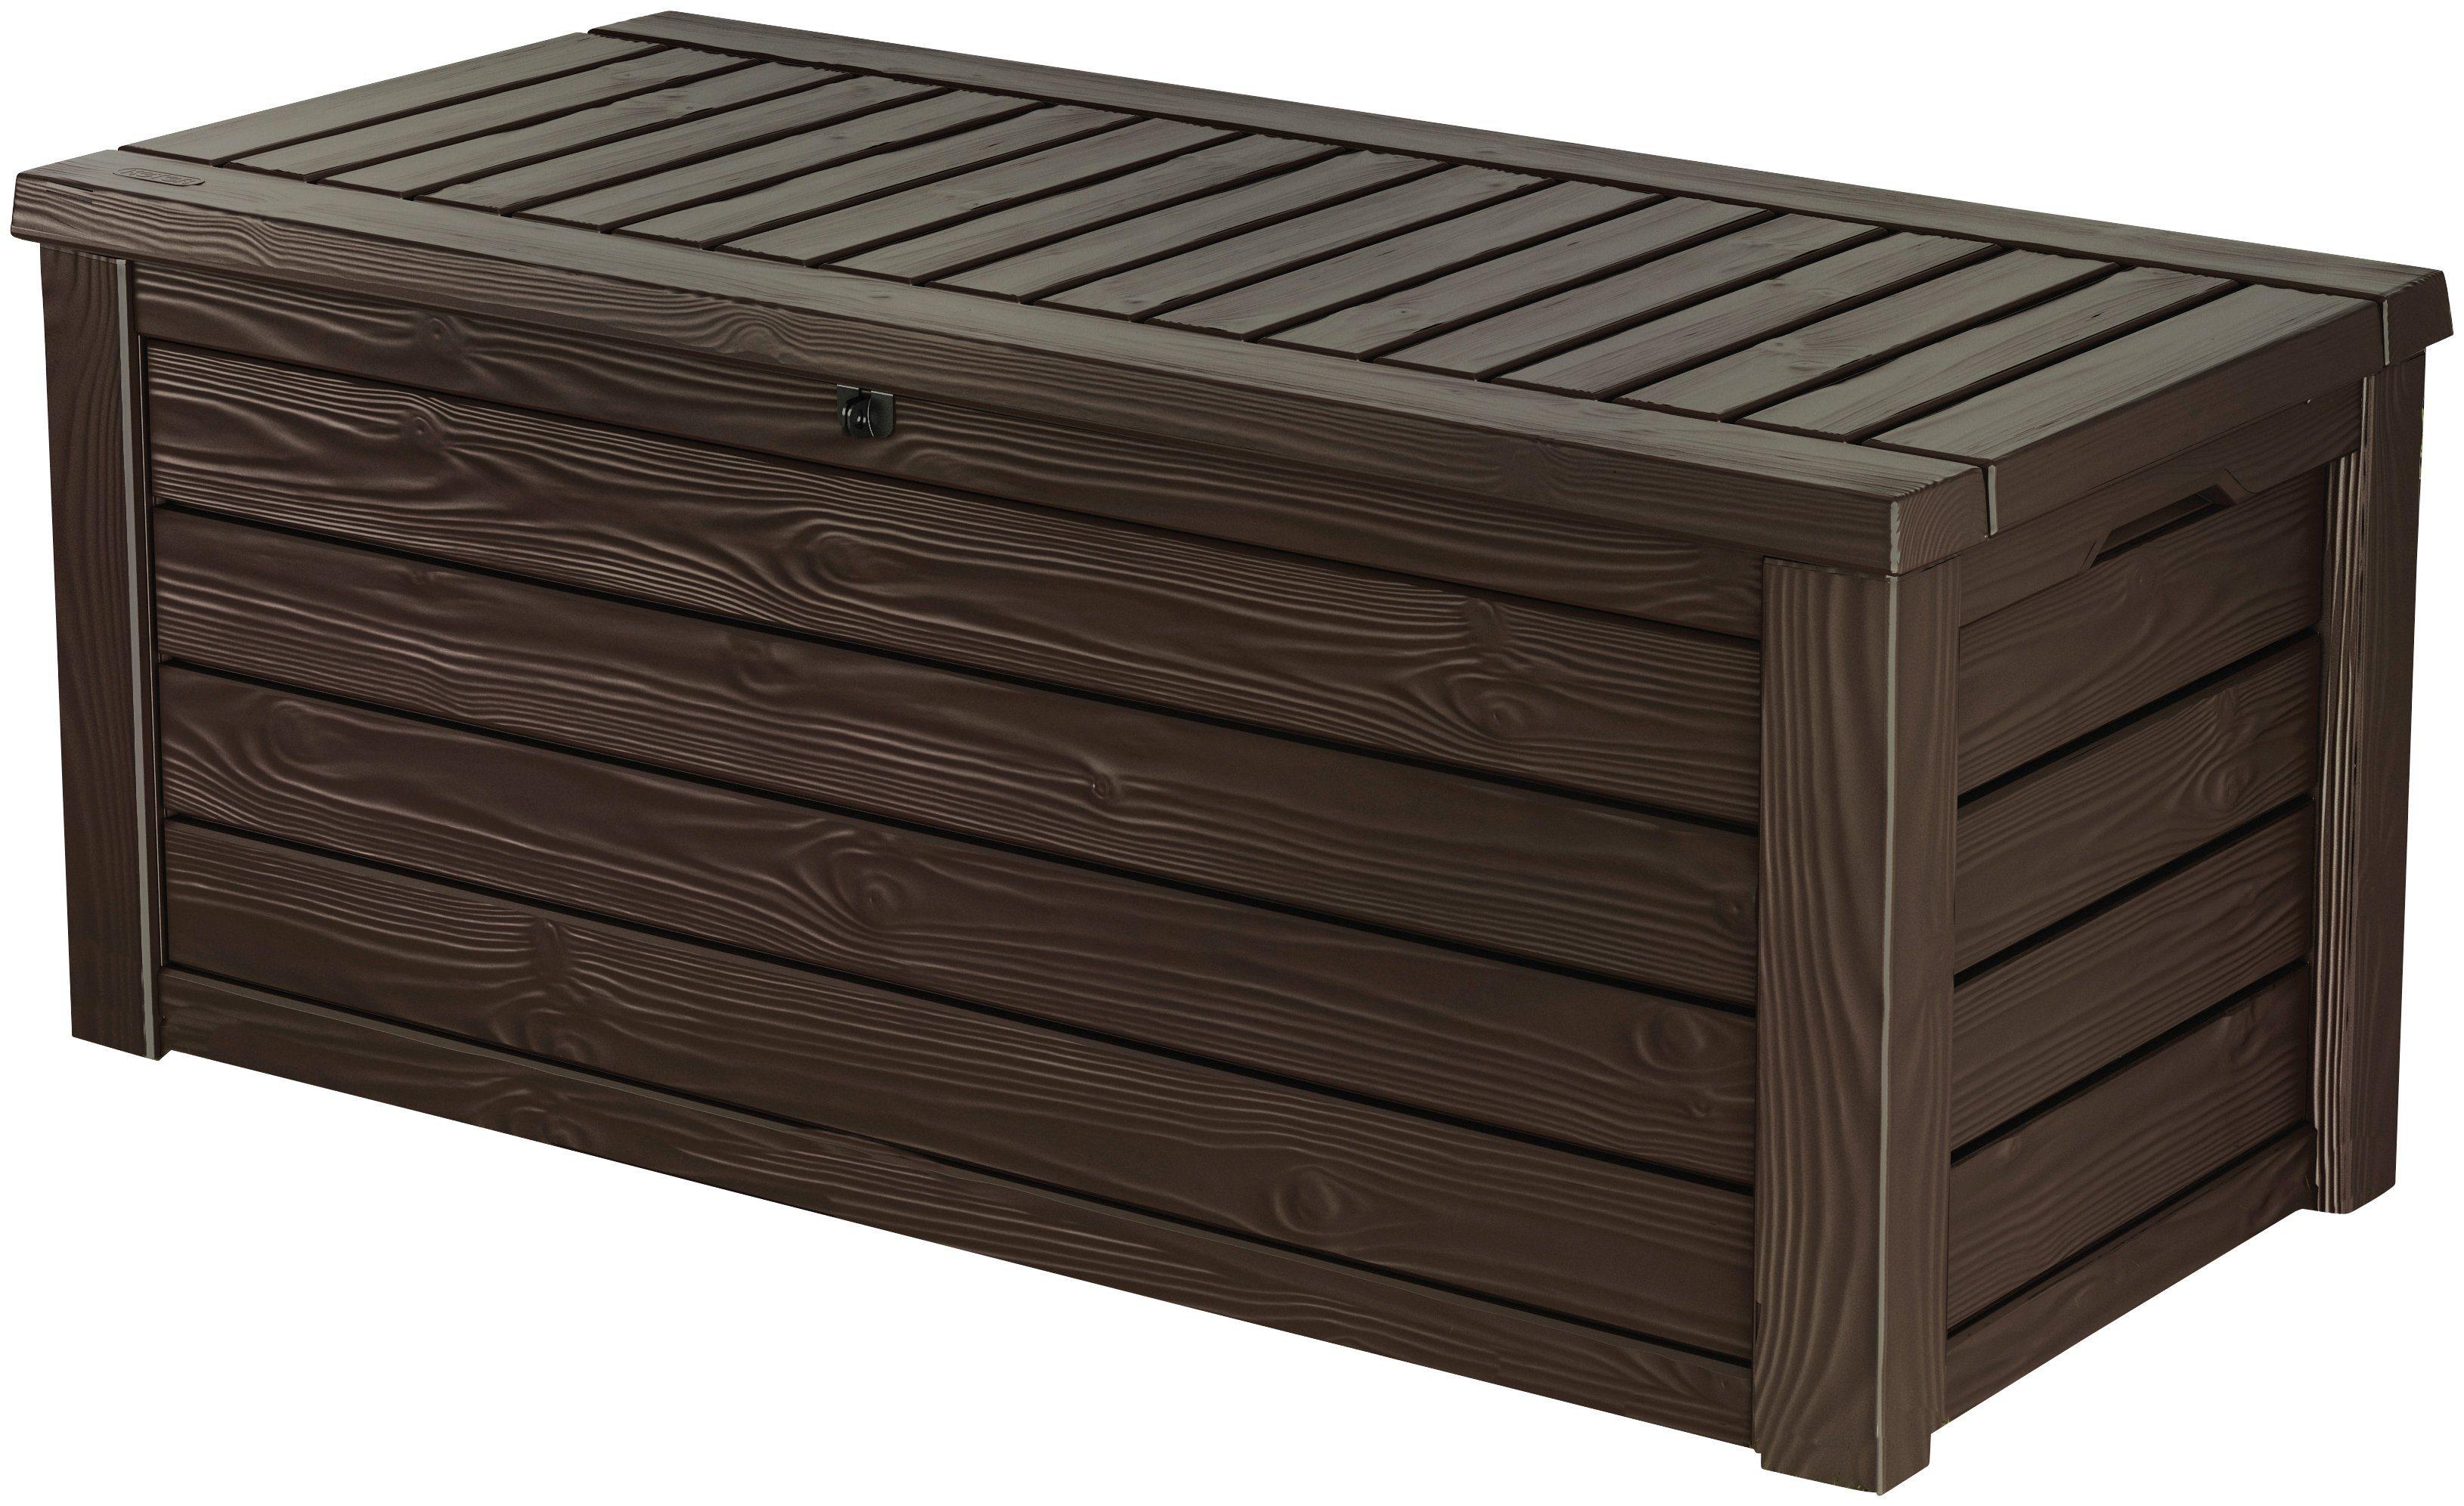 KETER Auflagenbox »Westwood«, 155x64x72 cm, mit Sitzfunktion, Polypropylen, braun